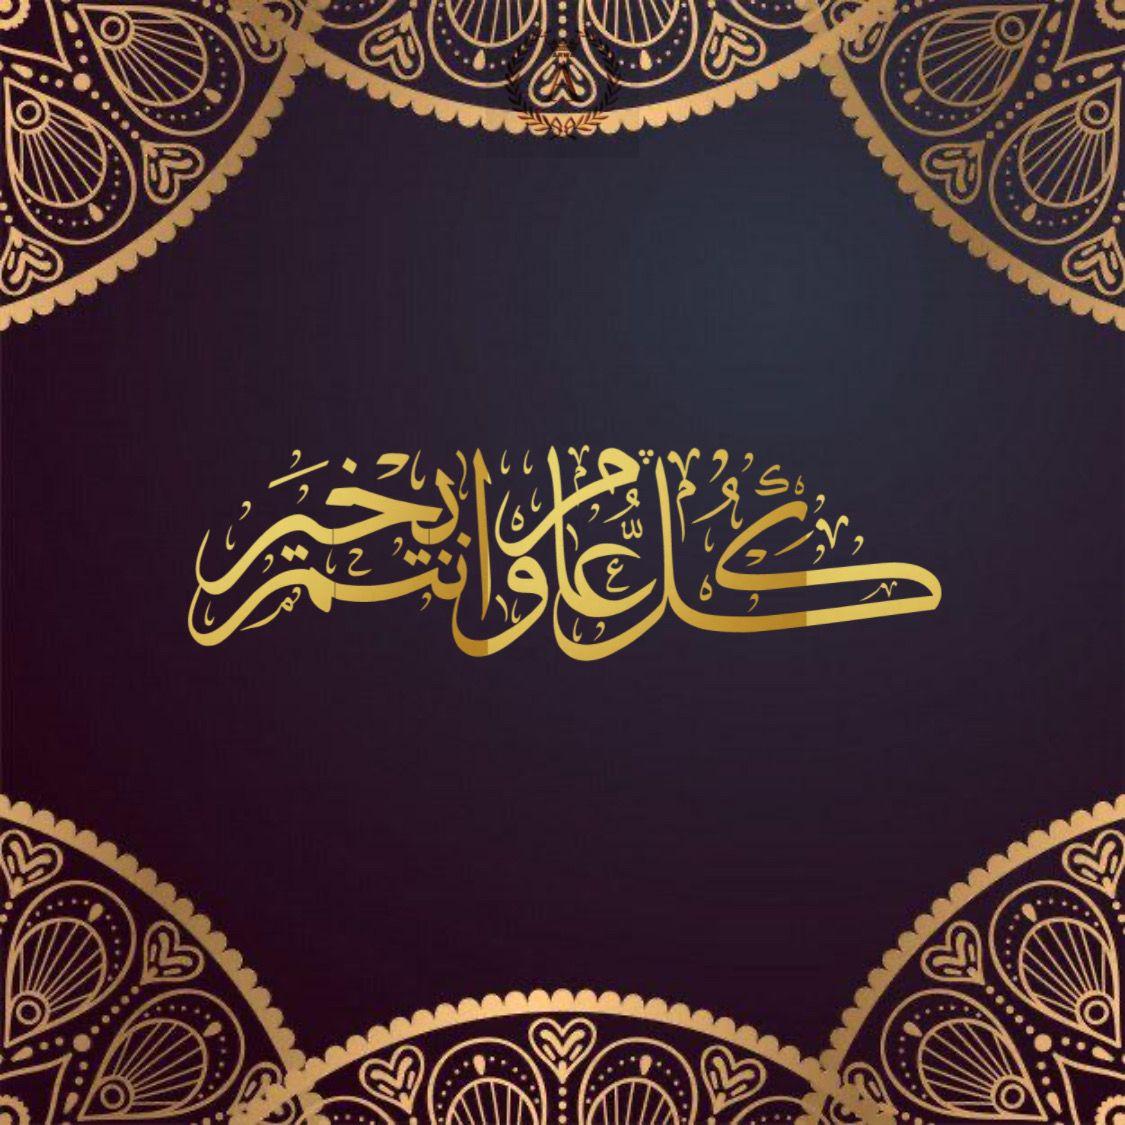 كل عام وأنتم بخير Eid